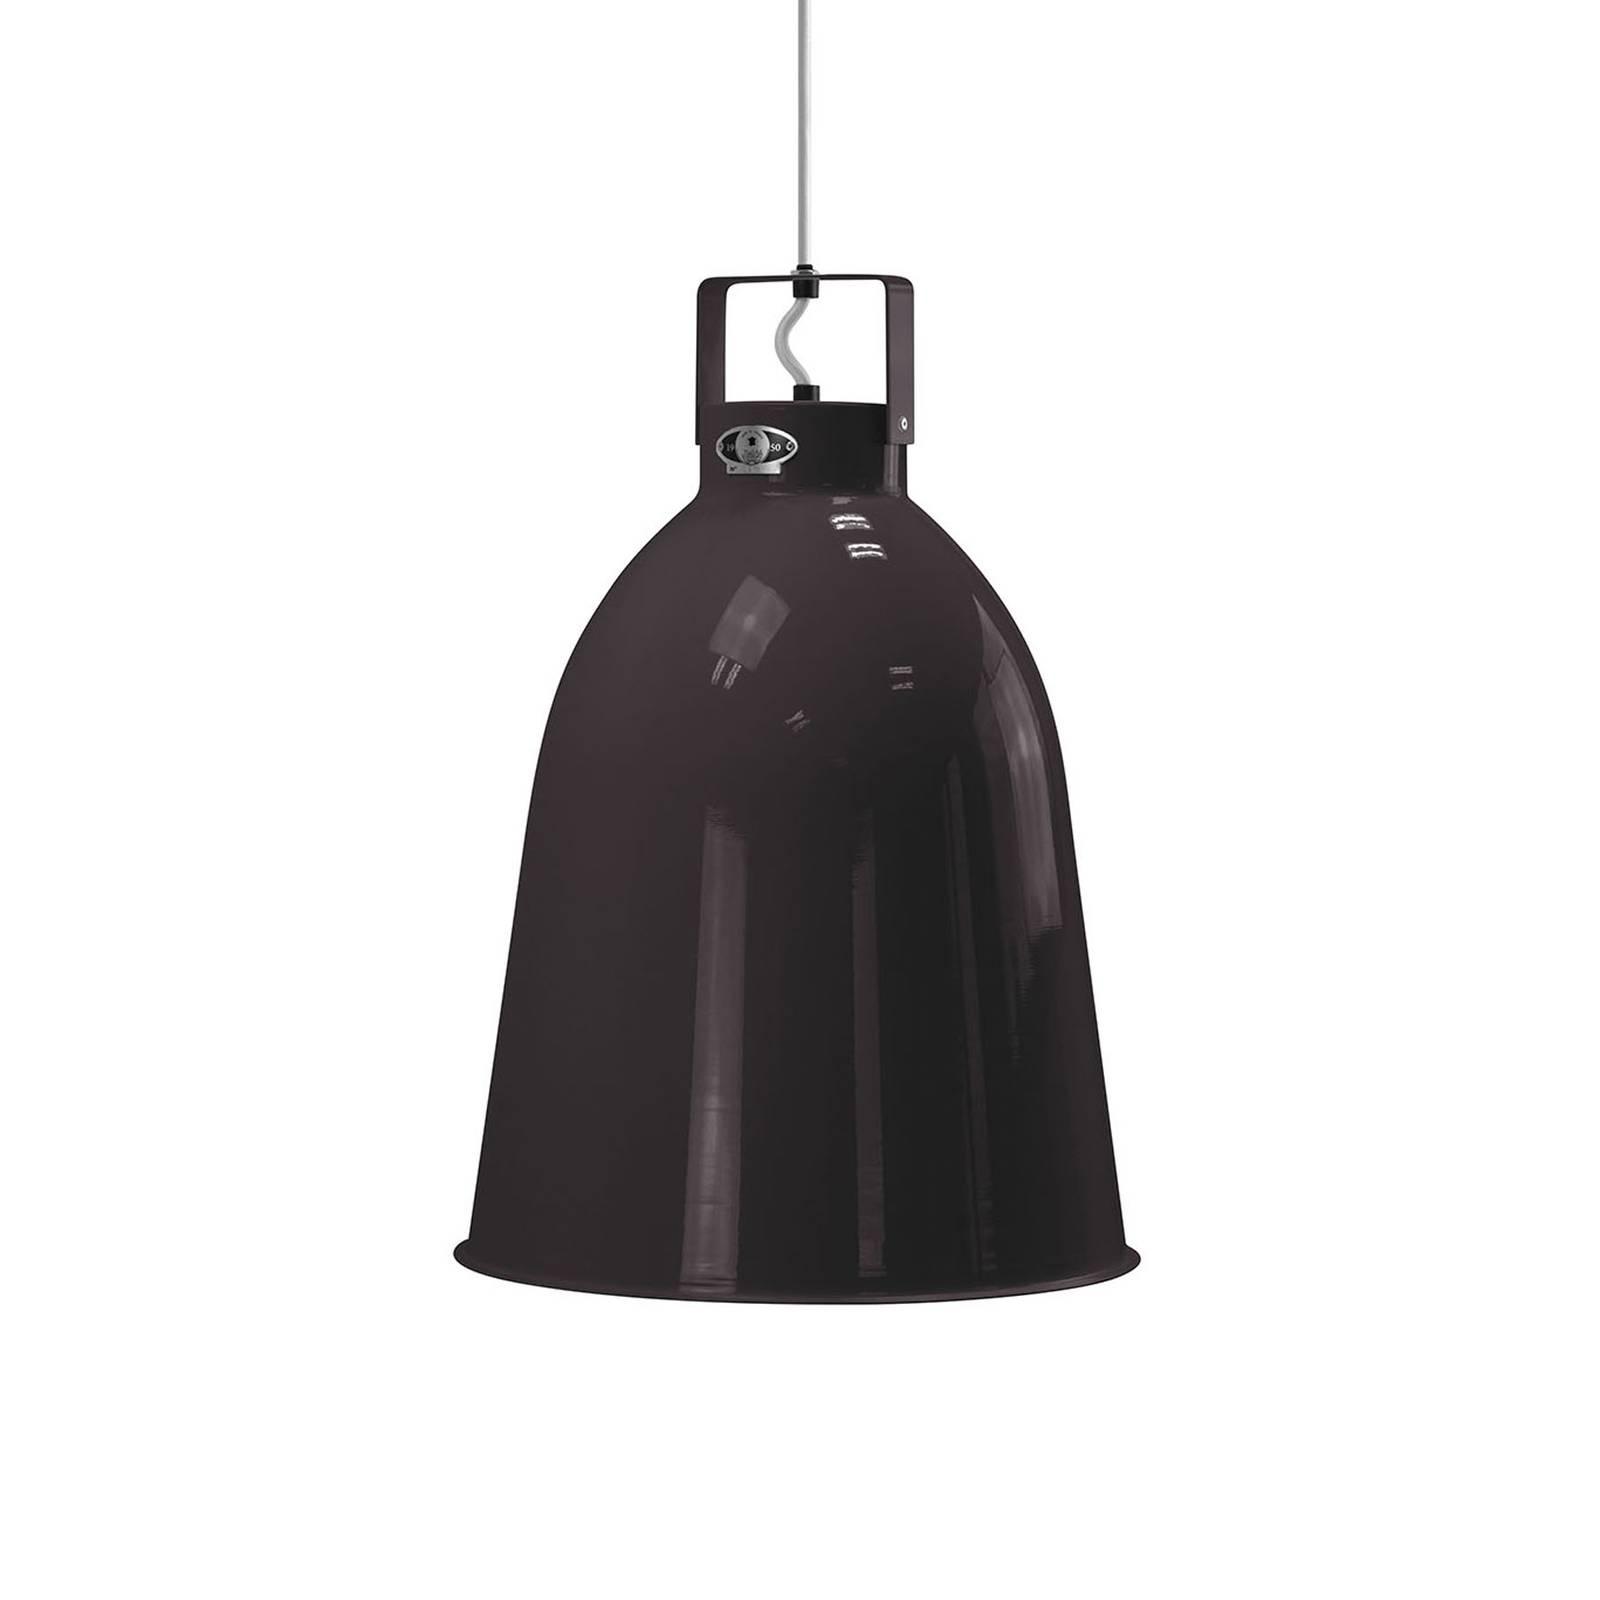 Jieldé Clément C360 -riippuvalo, musta Ø 36 cm